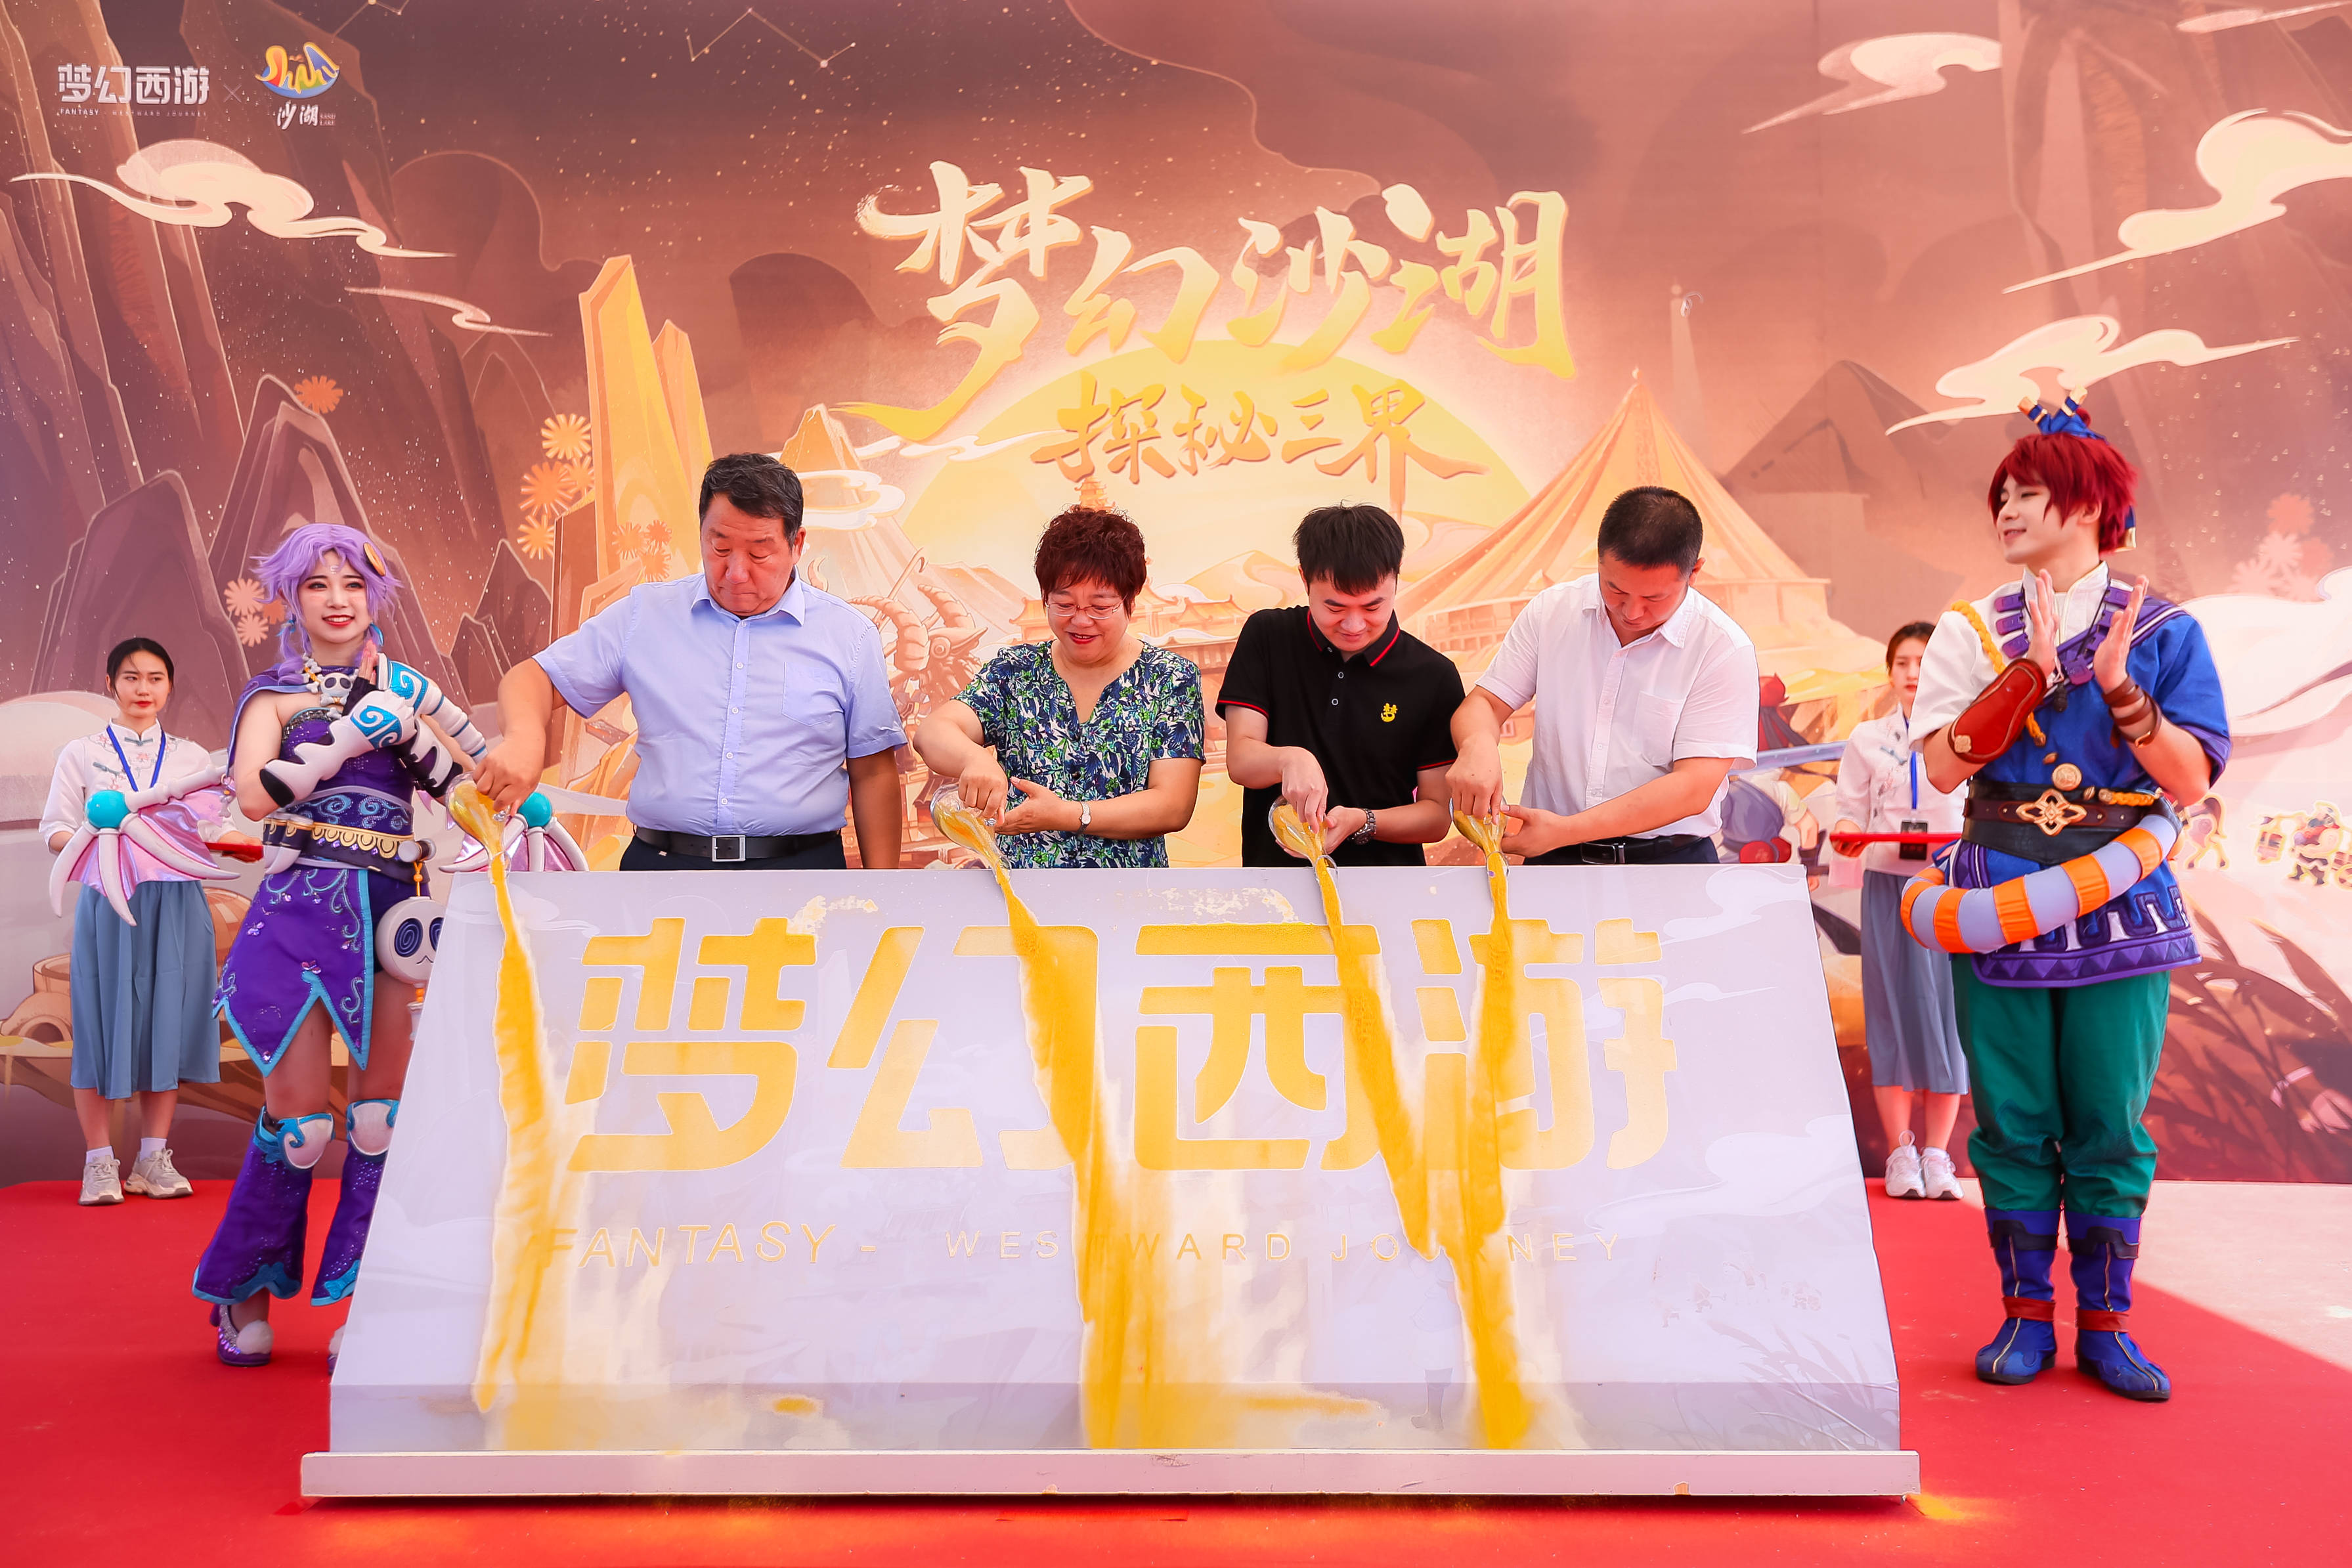 梦幻西游联动宁夏沙湖(打造中国首个游戏主题沙雕群)